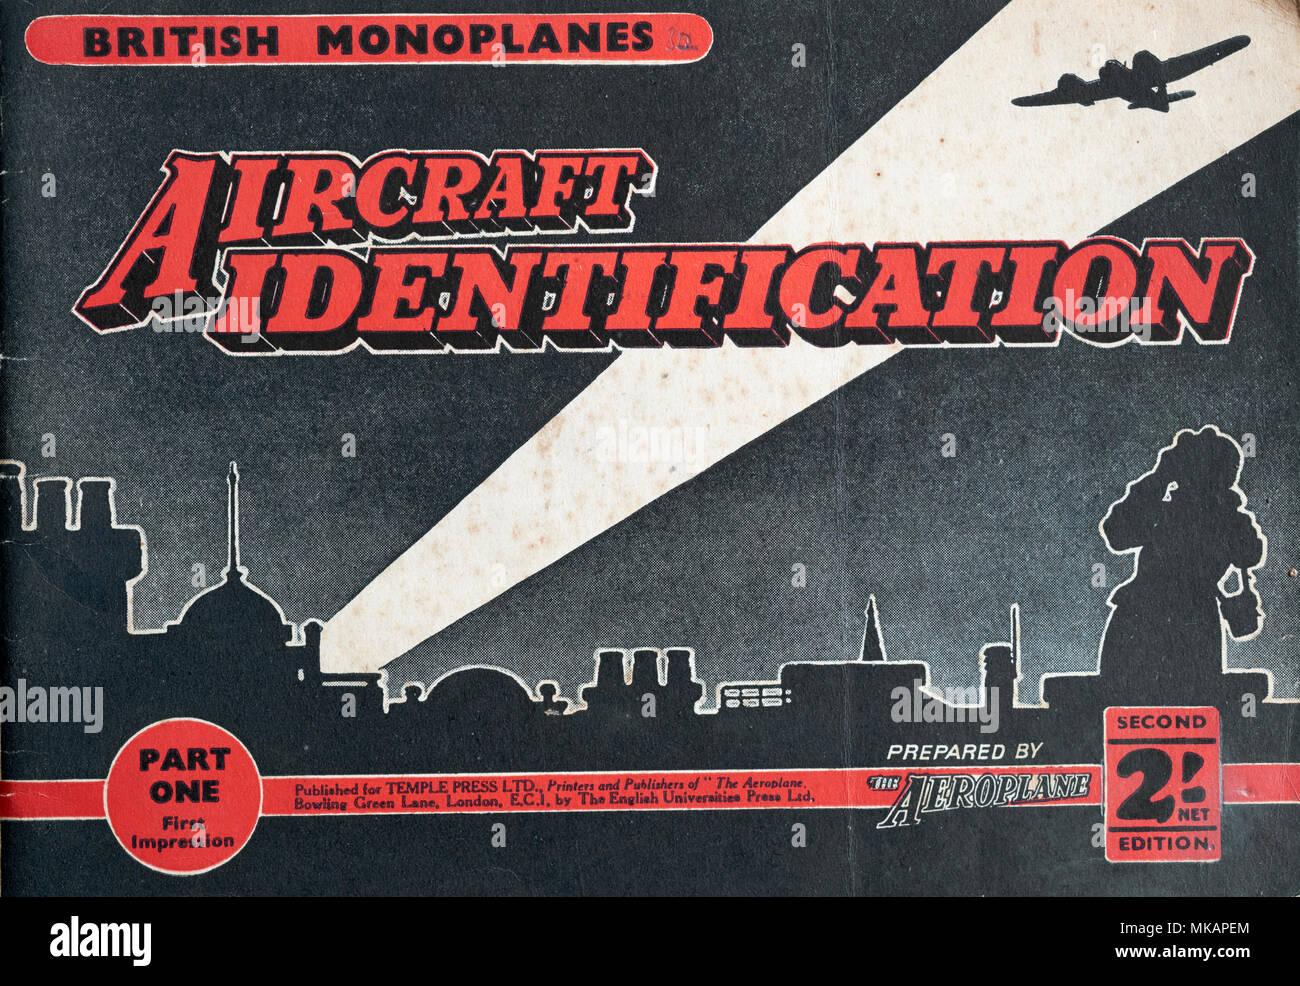 BRITISH MONOPLANES, identificazione dell'aeromobile, seconda guerra mondiale, seconda guerra mondiale, di aeromobili Foto Stock